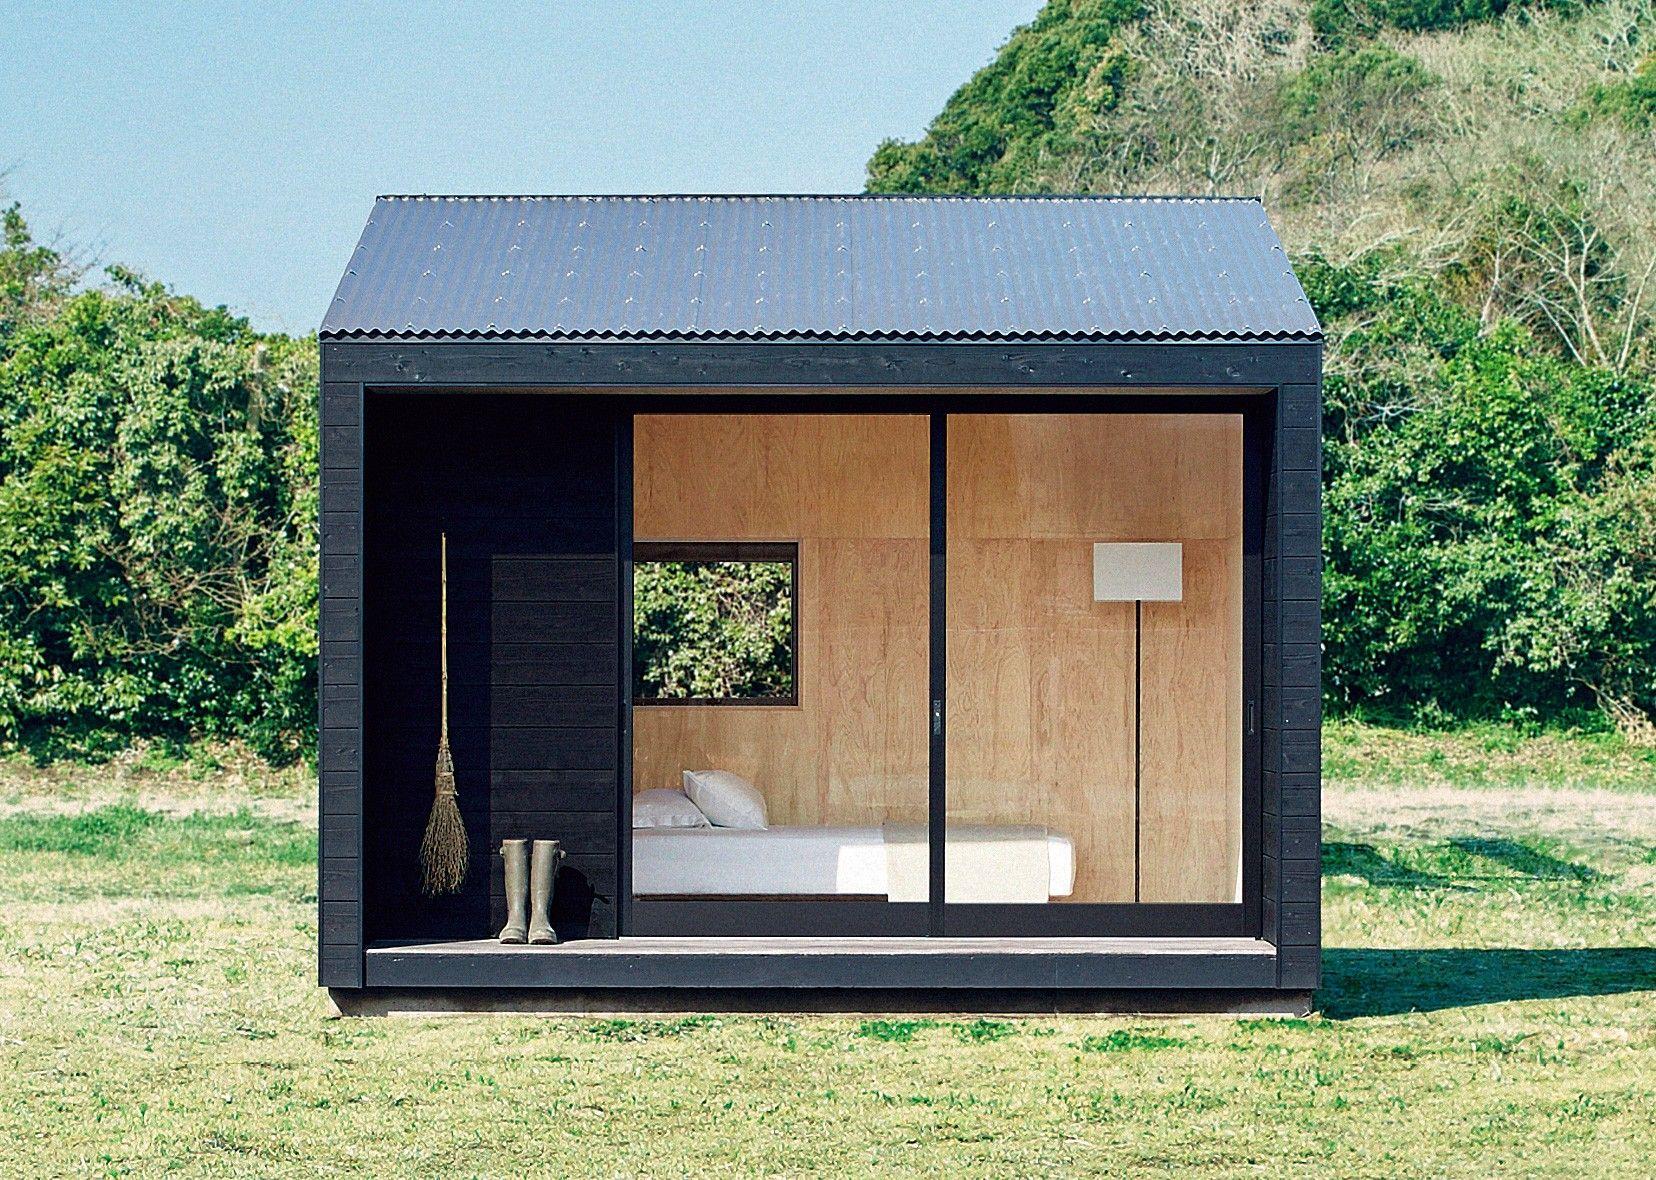 La c\u00e9l\u00e8bre marque japonaise MUJI, vient tout juste de sortir au Japon les \u00ab tiny huts \u00bb, de petites cabanes modernes disponibles \u00e0 la vente au grand public. Ces minuscules habitats de 9 m2, au design minimaliste, leur permettant de s\u2019int\u00e9grer parfaitement \u00e0 n\u2019importe quel environnement, sont des alternatives aux grands ensembles touristiques. Tout le monde ou presque peut se fabriquer son lieu de repos et de vacances id\u00e9al avec un faible impact sur la nature. Le slogan des...